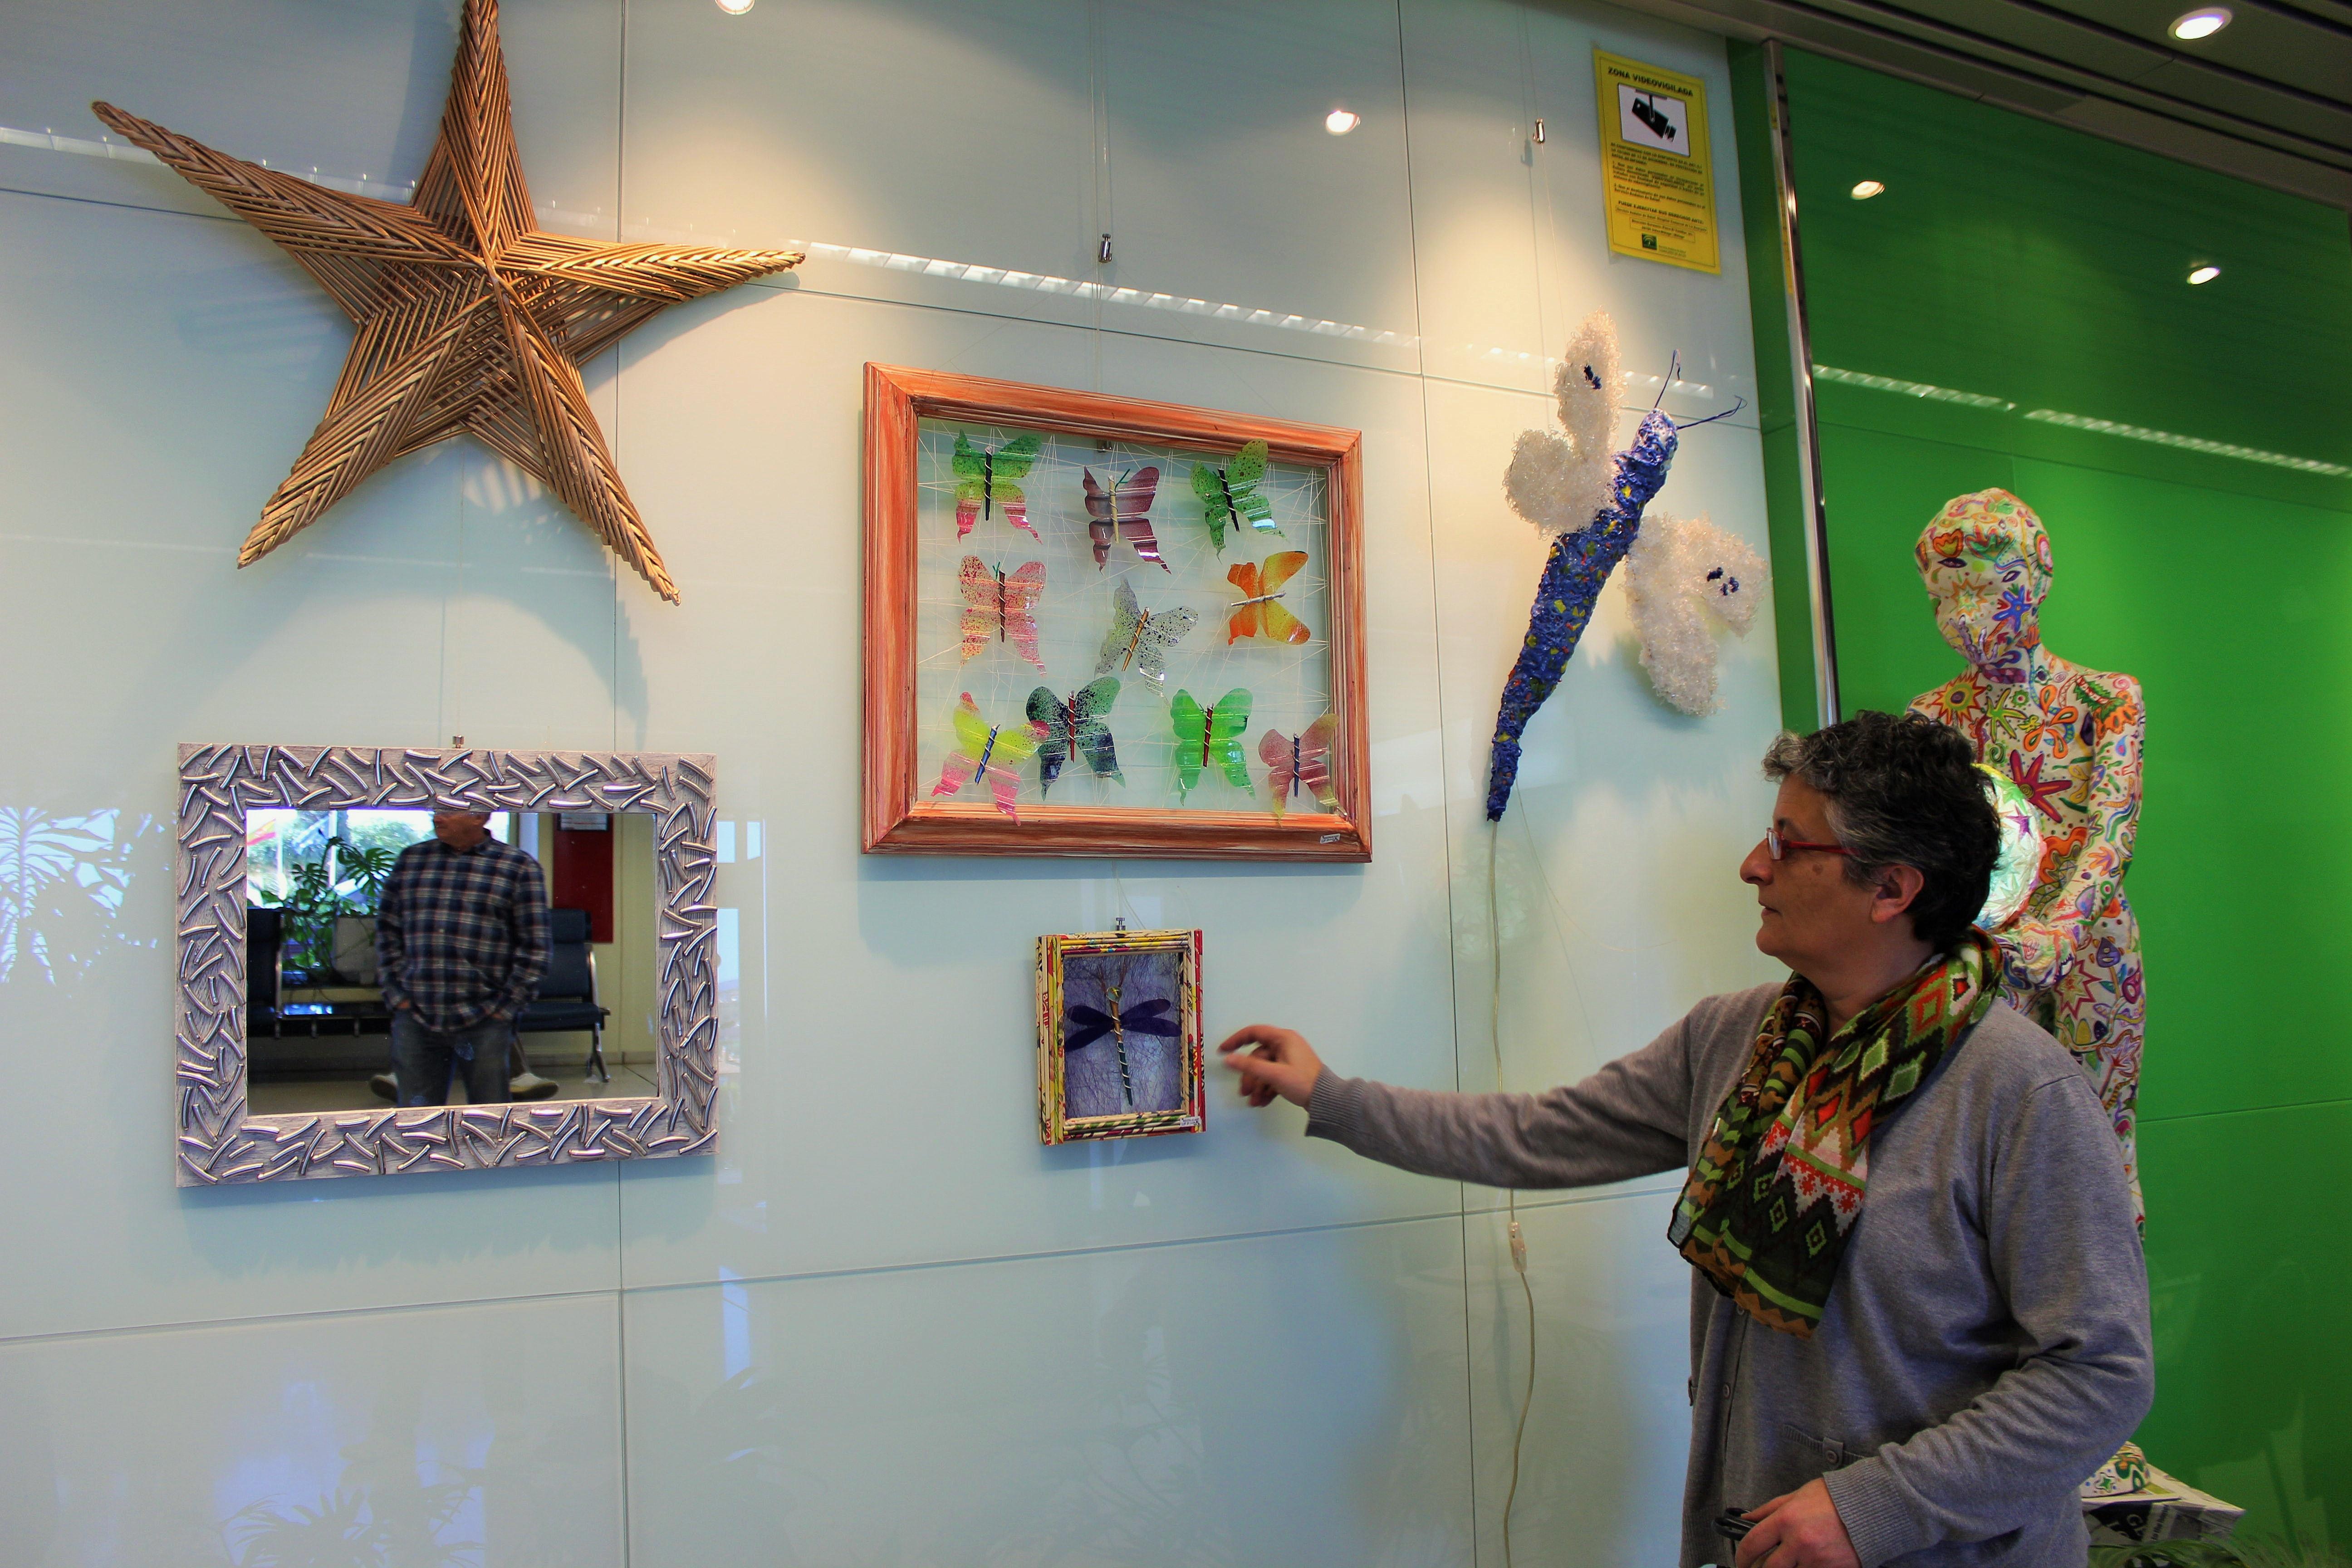 El Hospital Comarcal de la Axarquía acoge la exposición 'Reutiliz-Art' de la artista Angeles Guarchs